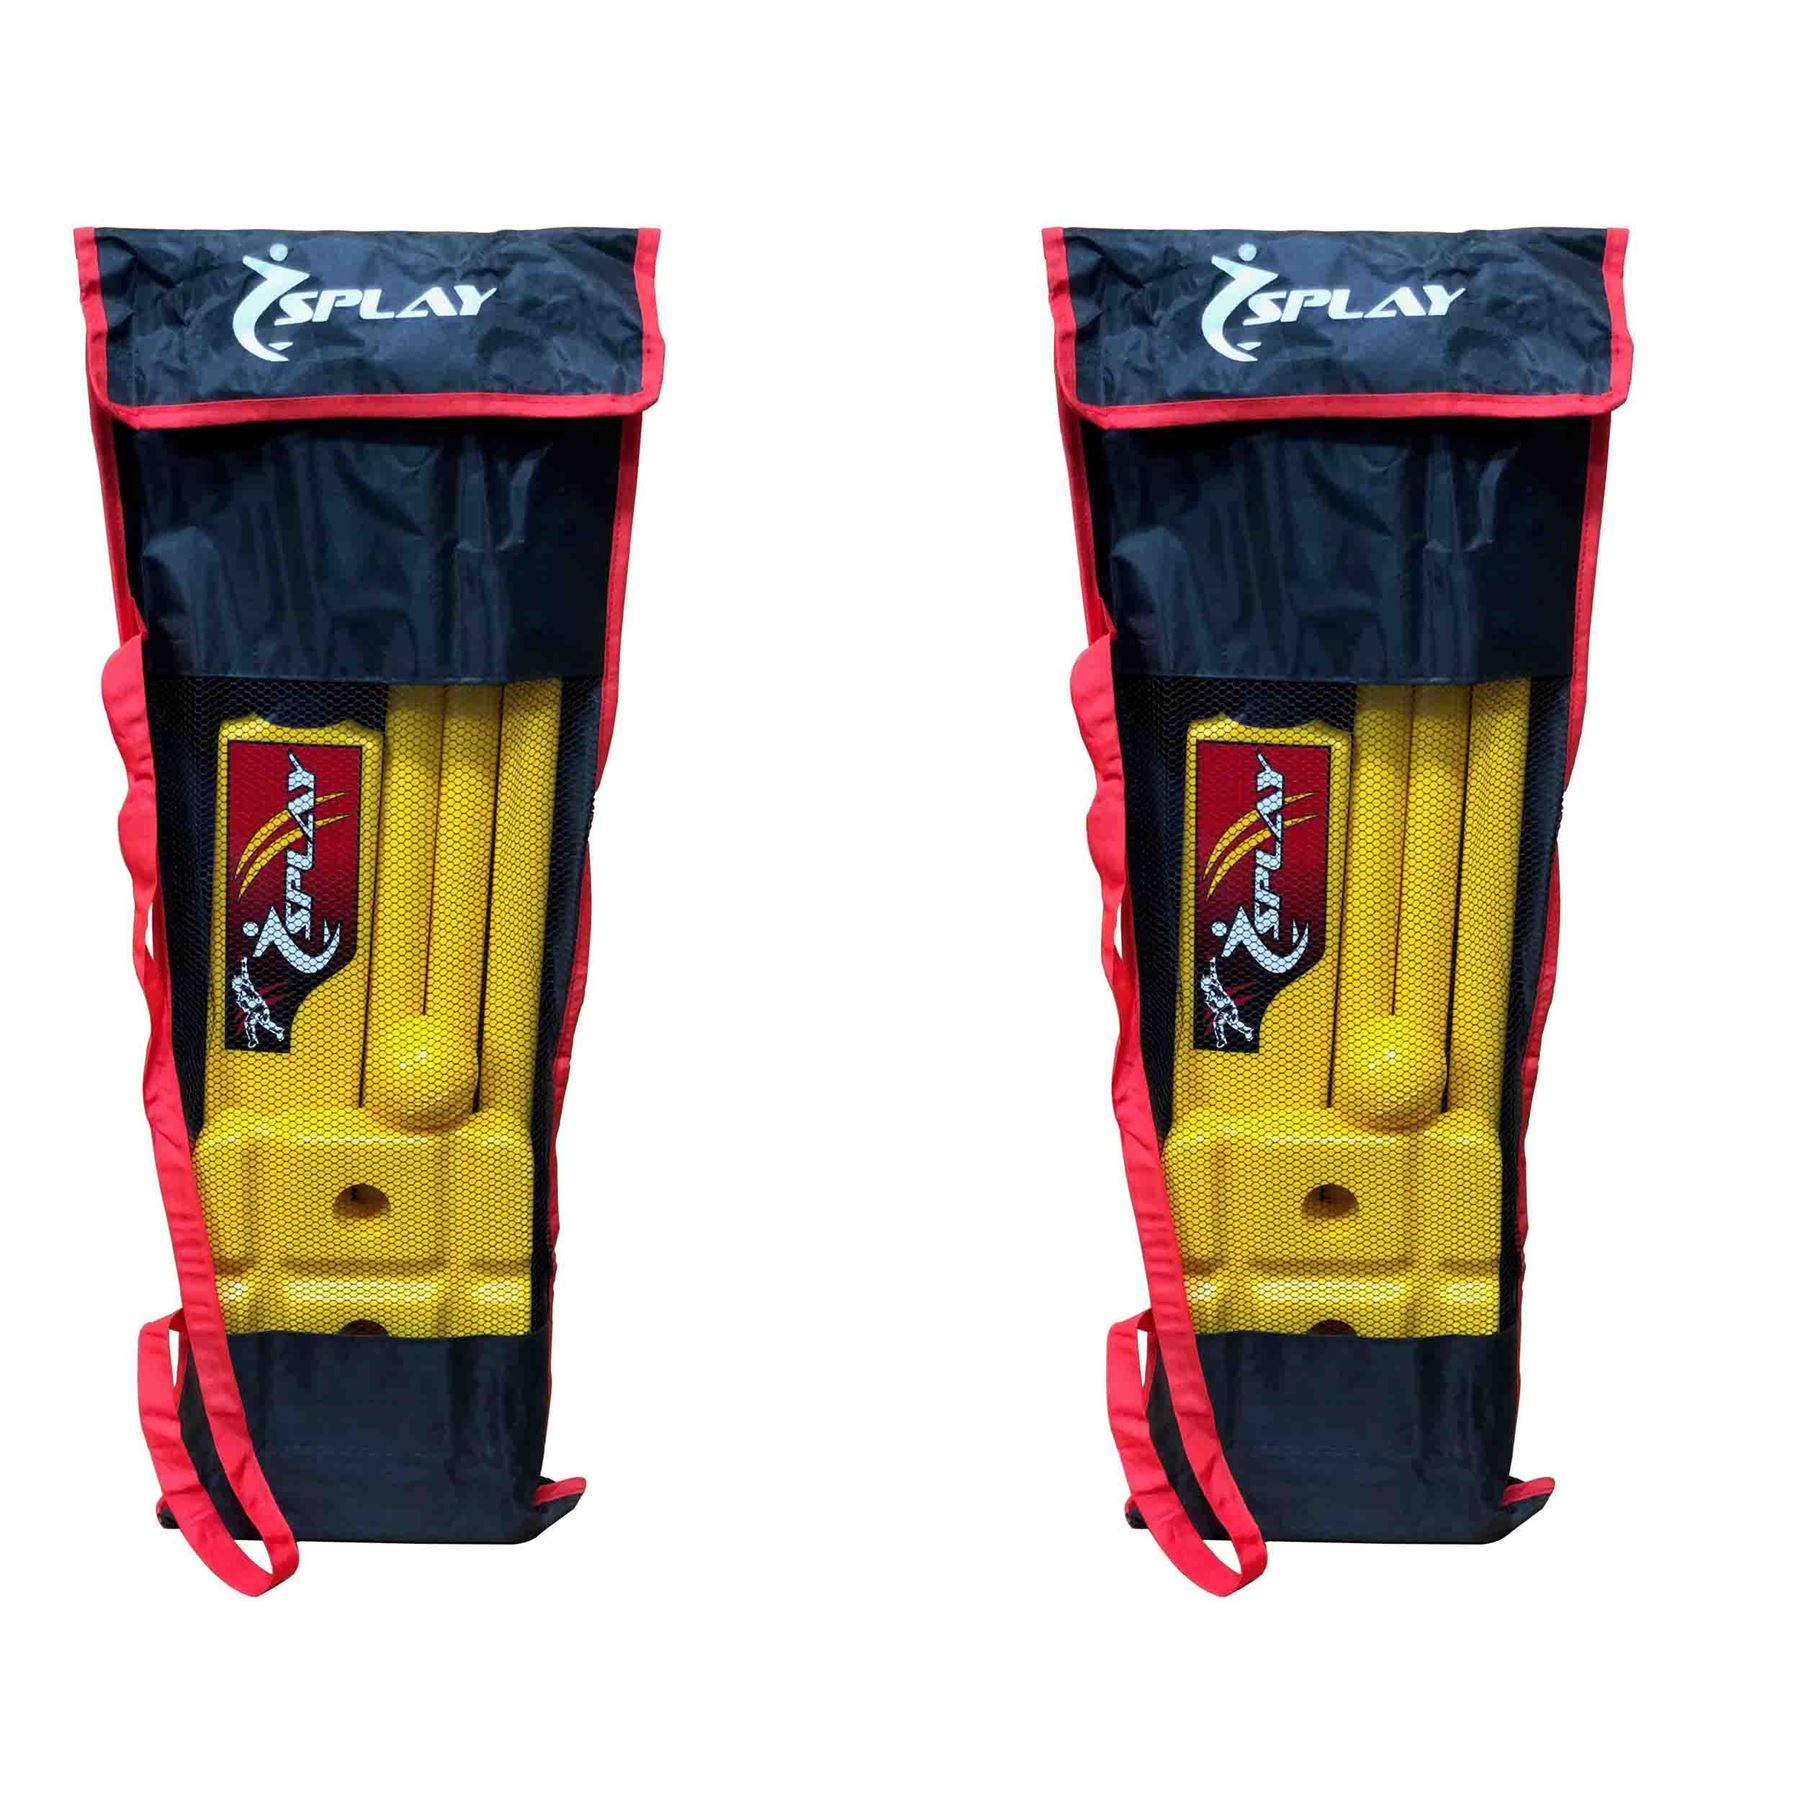 Cricket Kwik Set indoor outdoor plastic bails ball stumps kit complete case 1